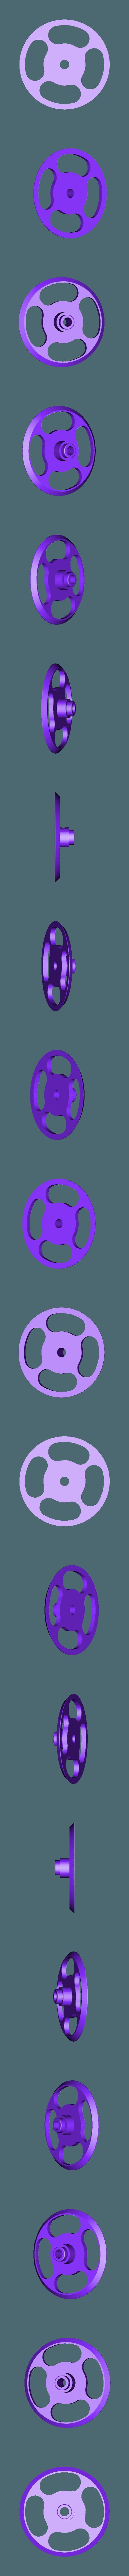 v2K1.stl Télécharger fichier STL gratuit Margeur de soudure • Modèle à imprimer en 3D, Ruvimkub